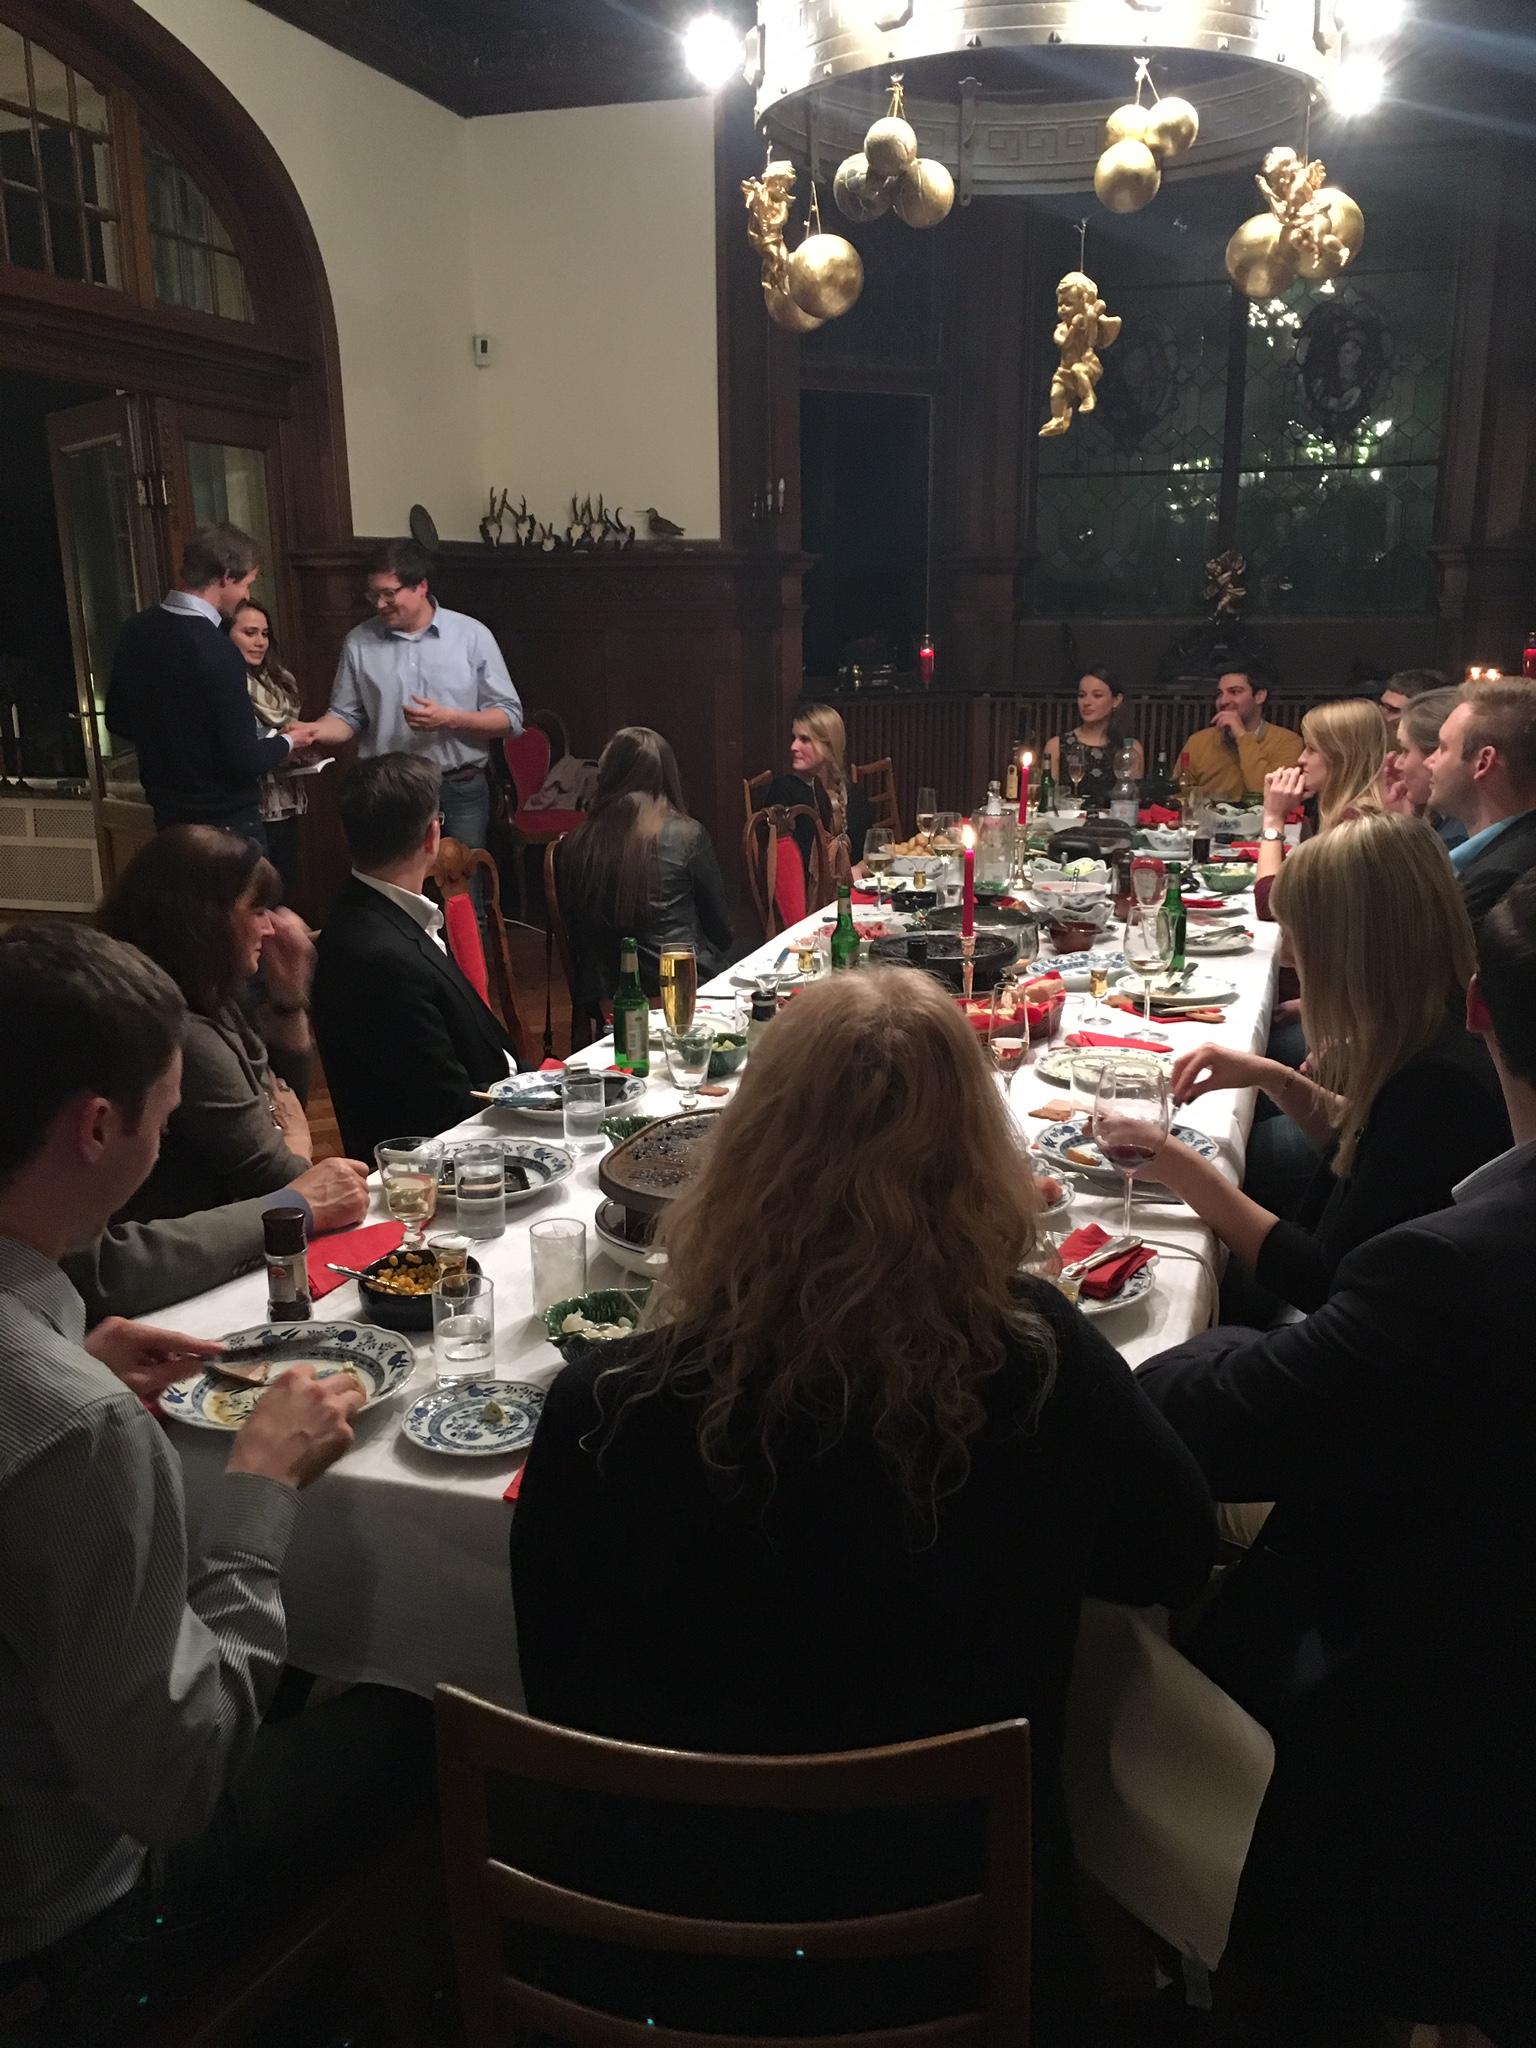 Oldenburg Weihnachtsfeier.Weihnachtsfeier 2015 Rotaract Club Oldenburg